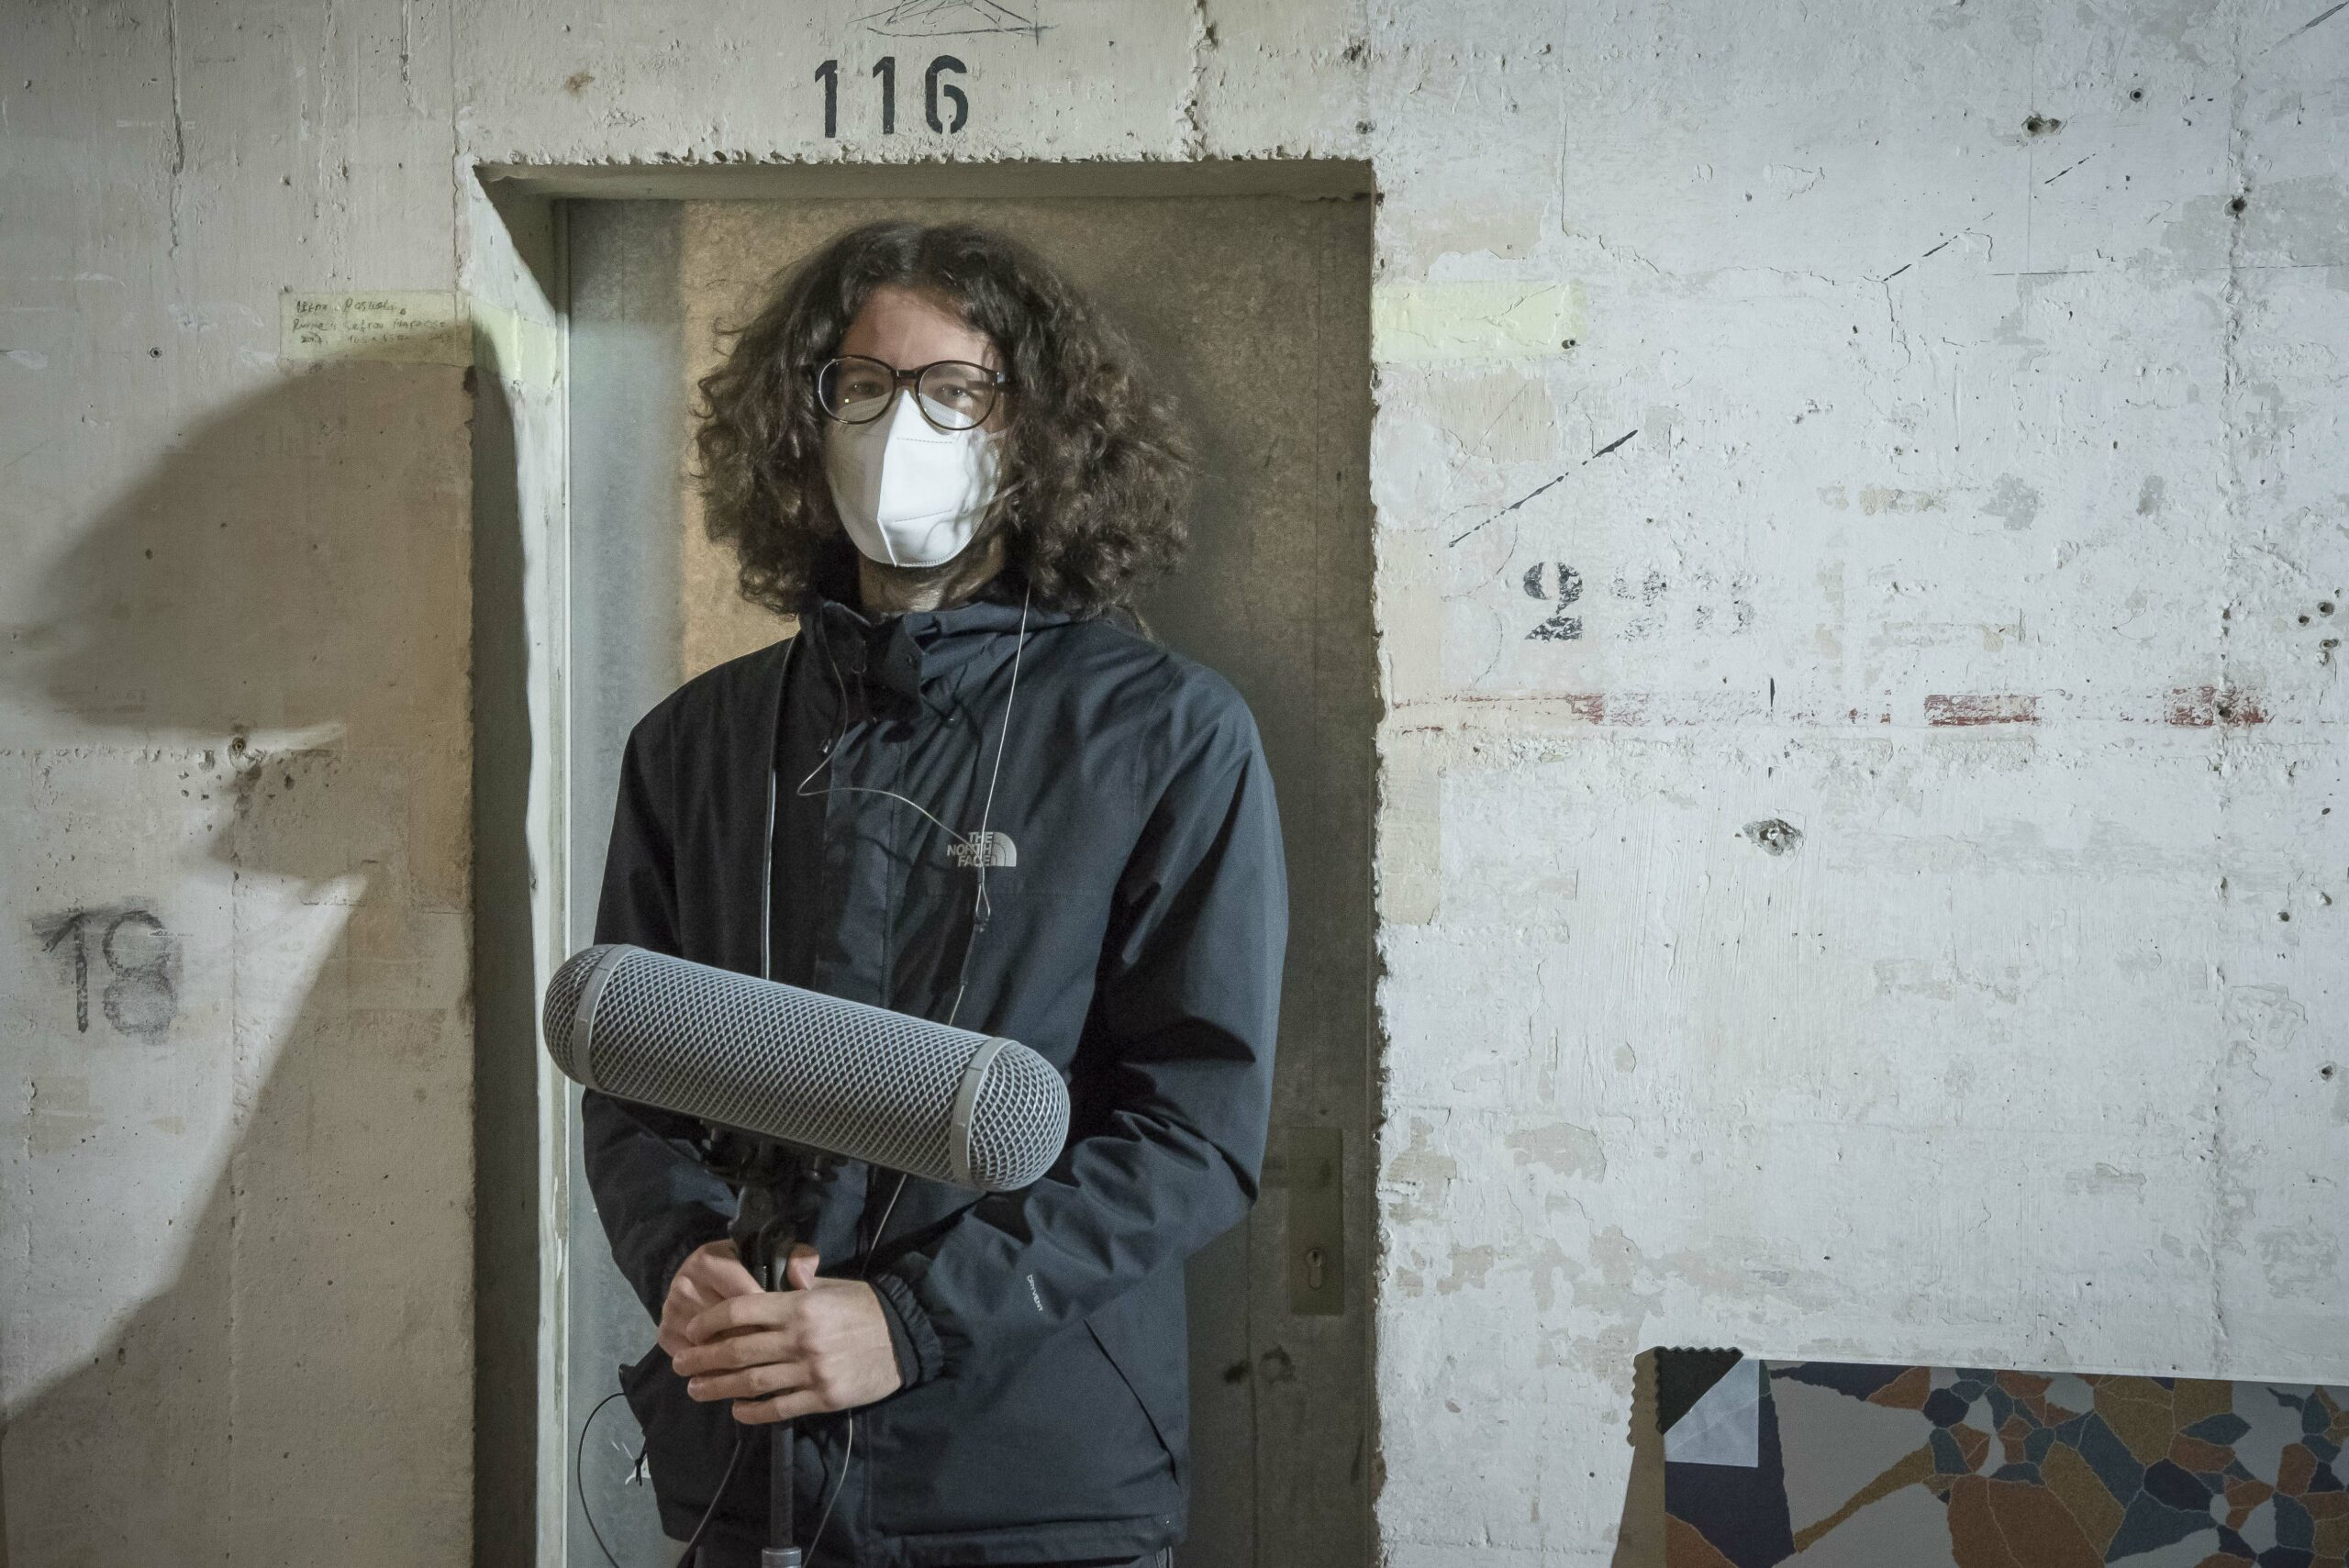 Mann mit Richtmikro im Bunker